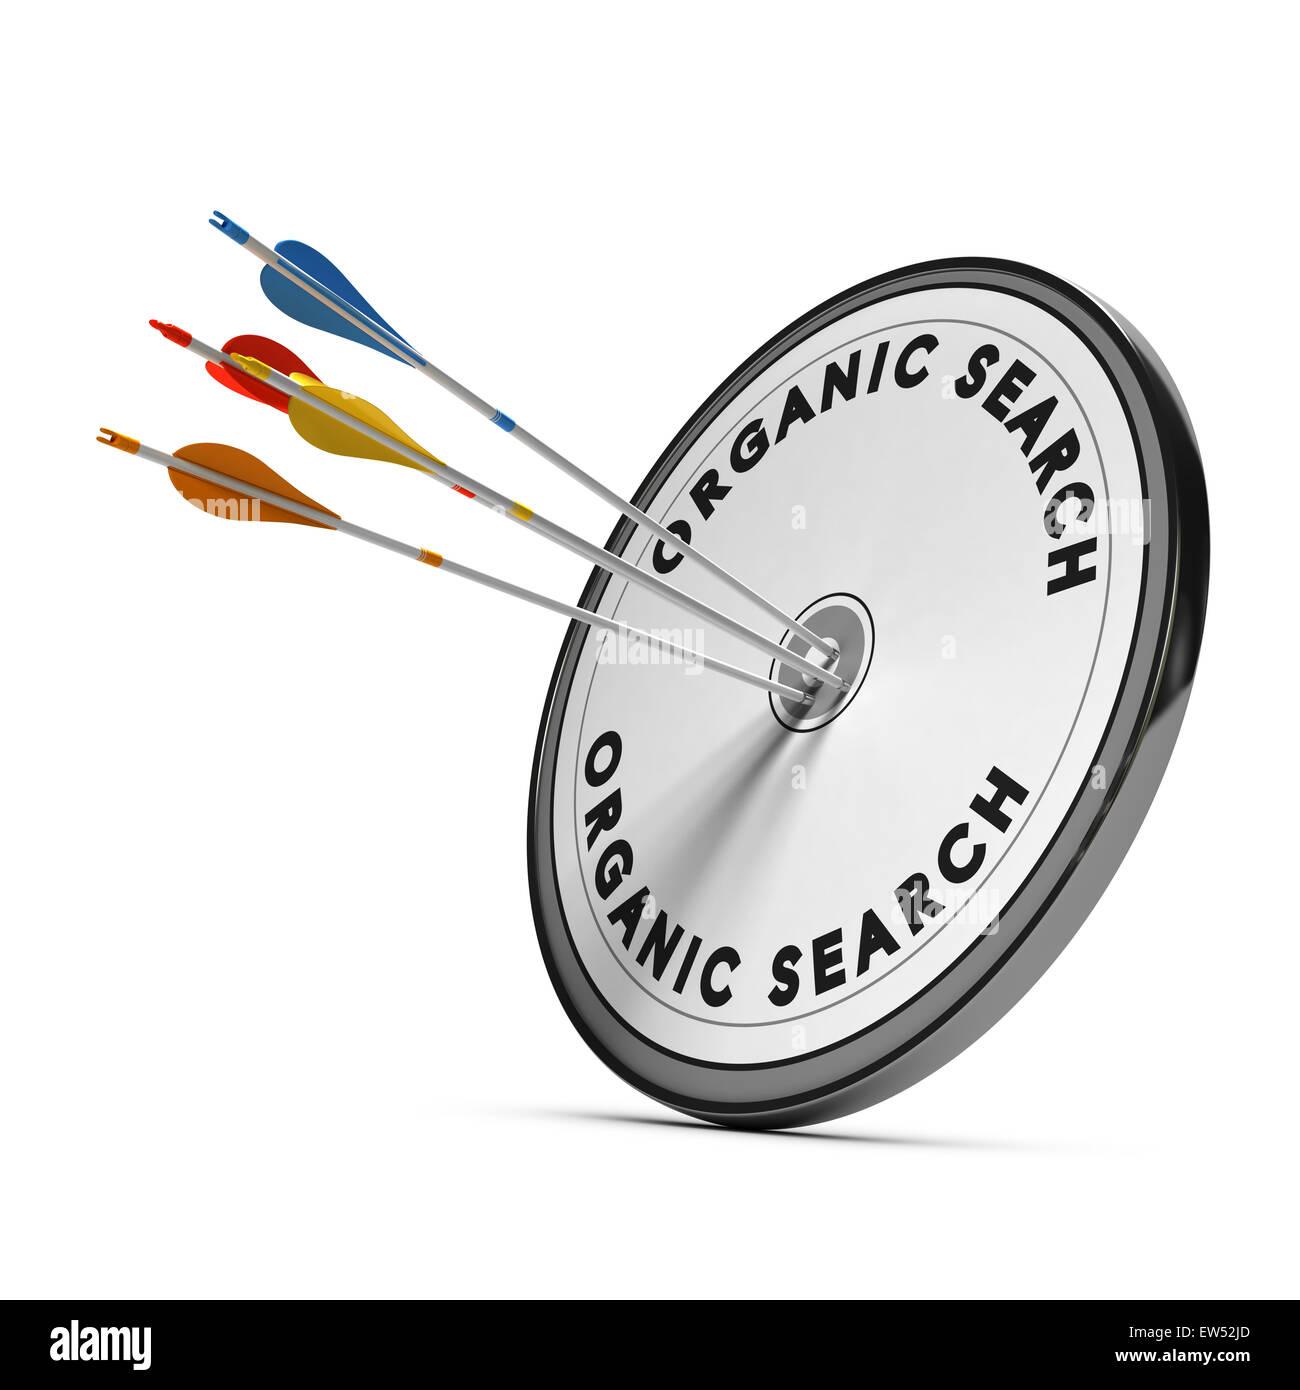 Organische Suchergebnisse auf ein Ziel mit vier Pfeilen trifft das Center Konzept für Online-Sichtbarkeit Stockbild